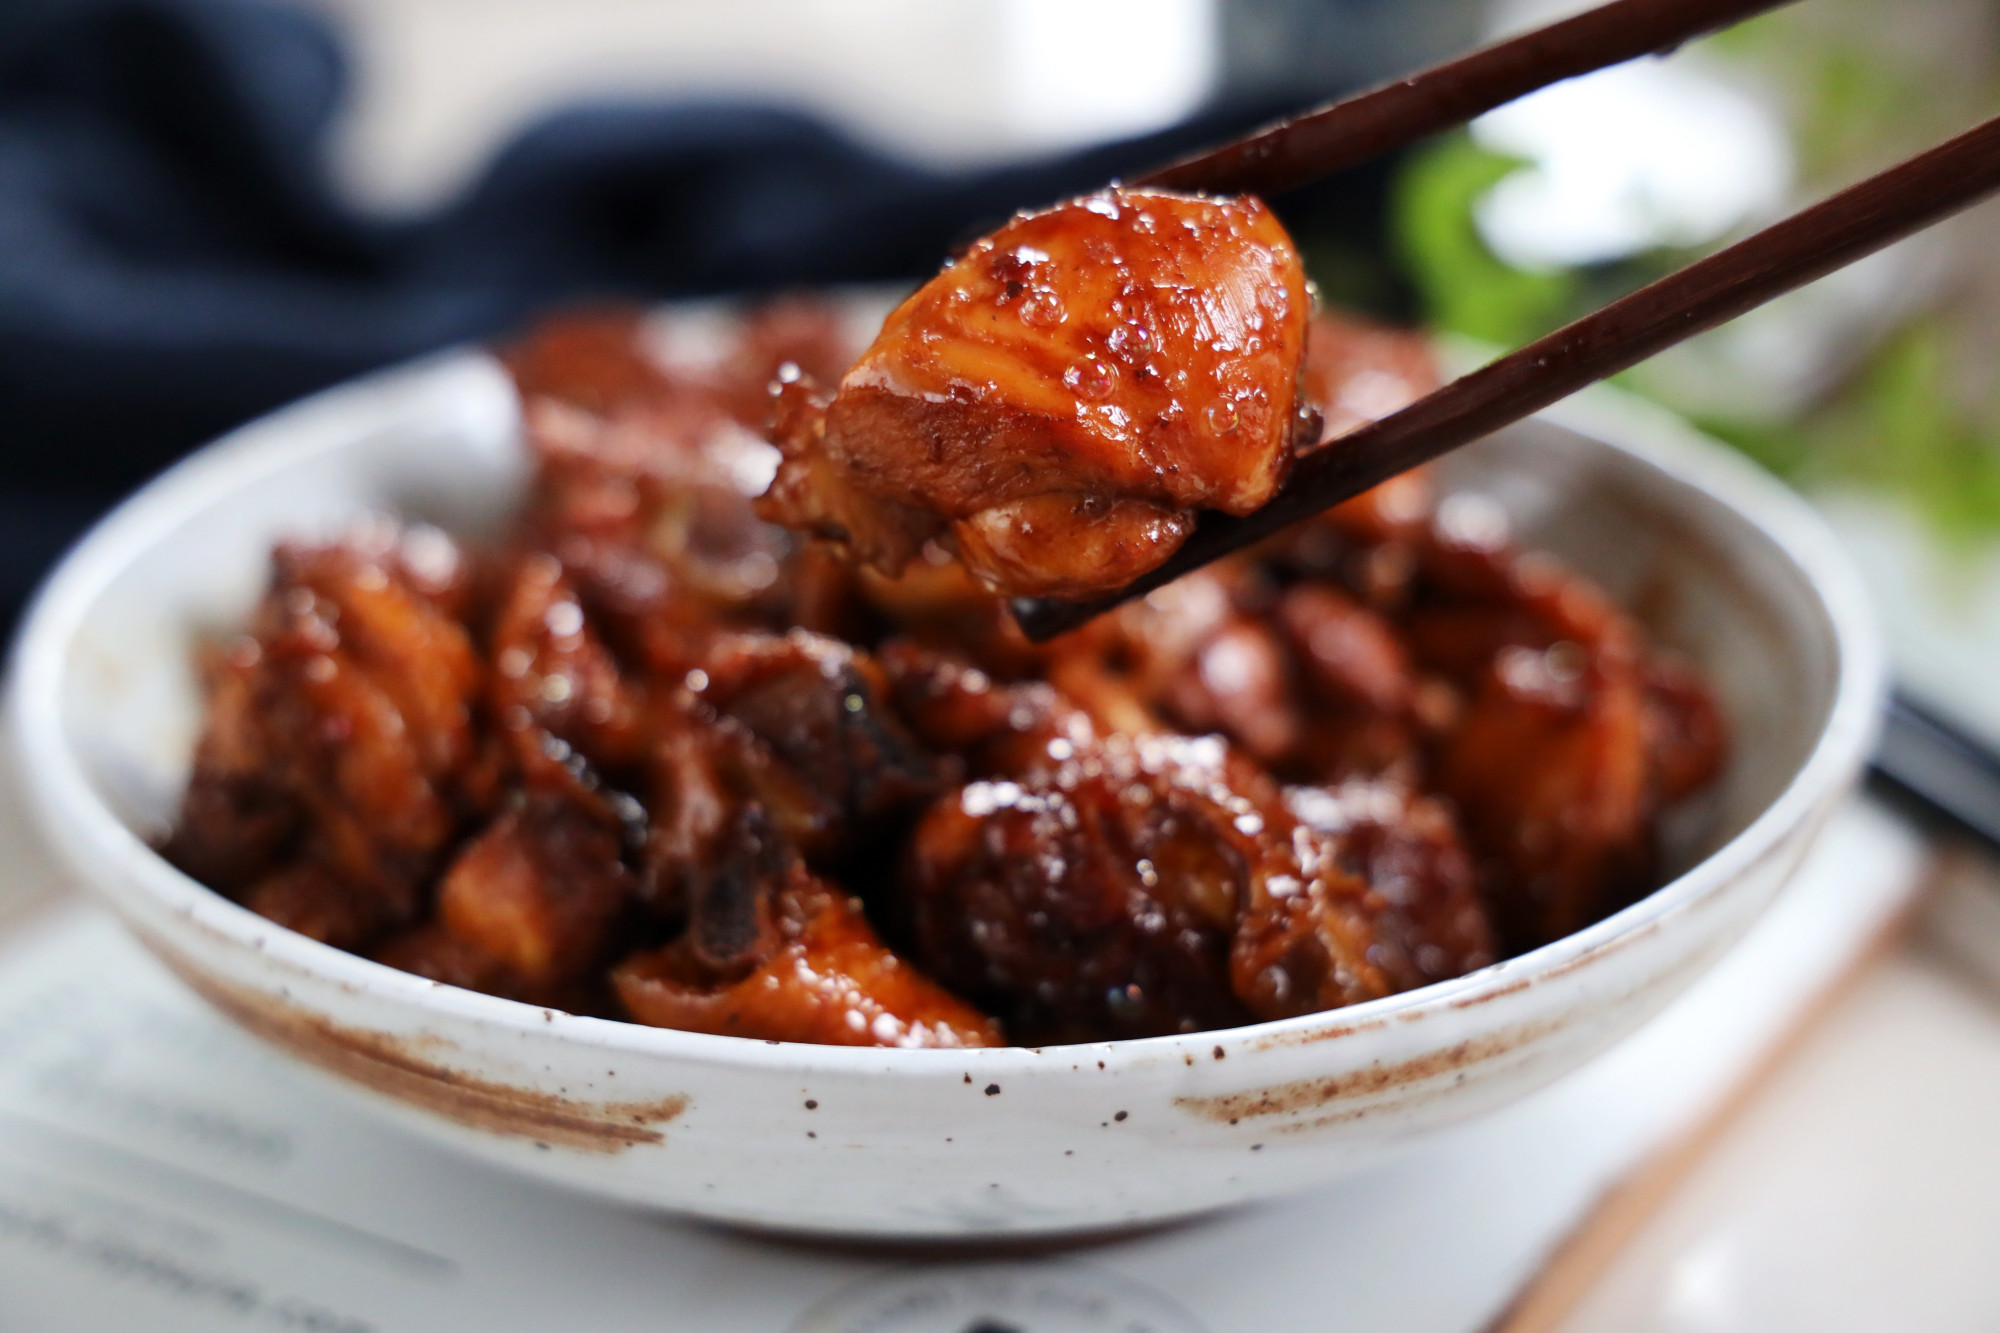 比猪肉牛肉都便宜,秋天可以多吃,简单红烧,下酒又下饭